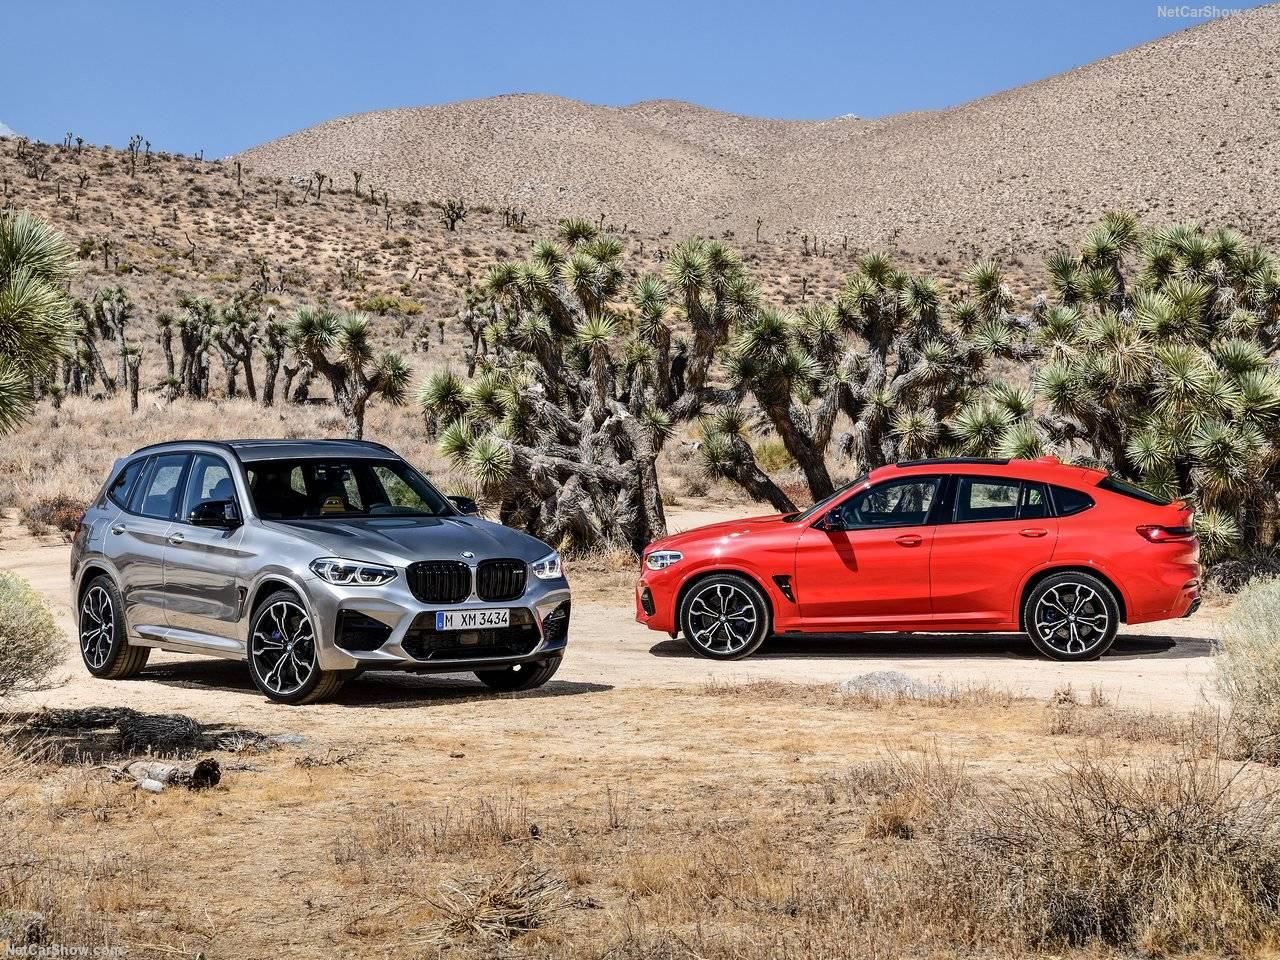 BMWから2つのMコンペティションモデルが新登場!